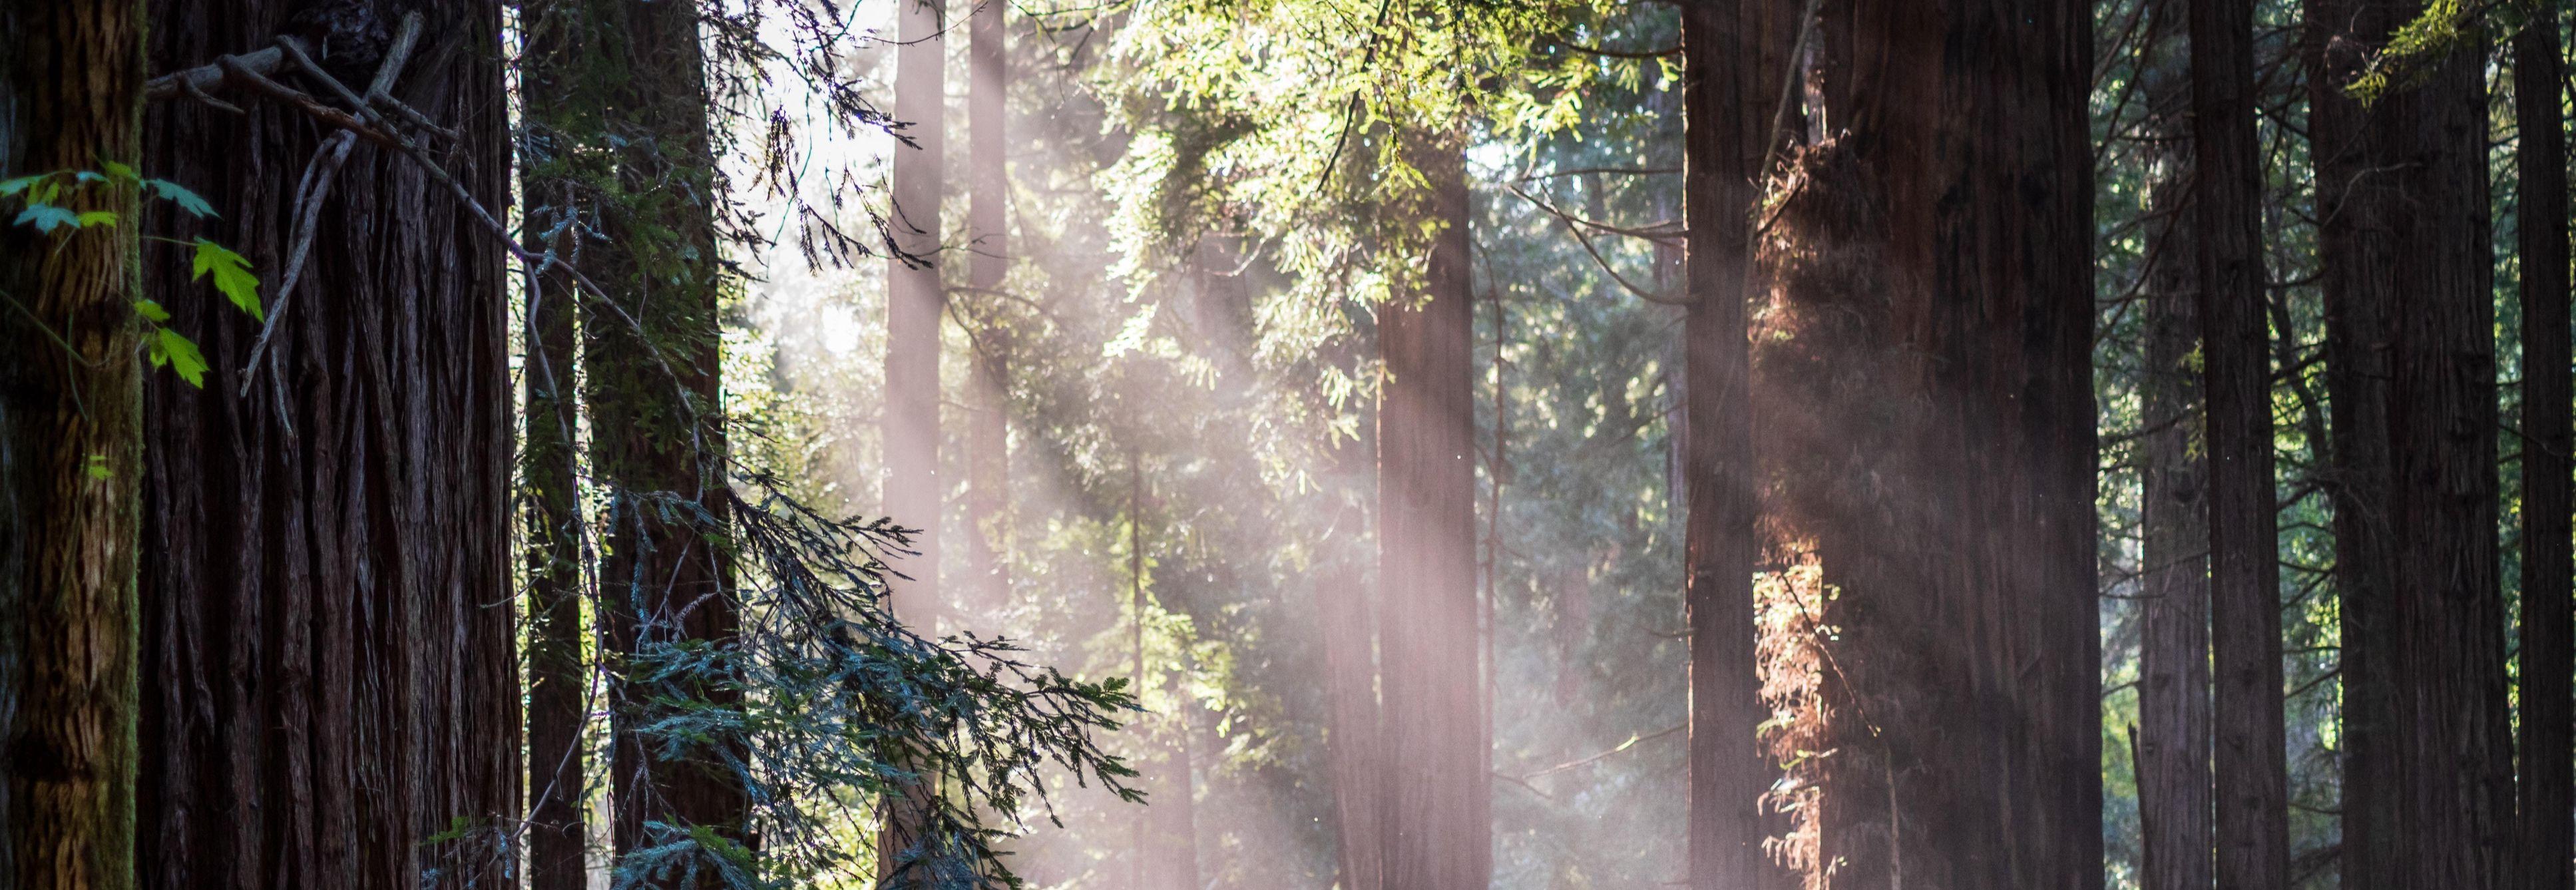 Light spills through the forest